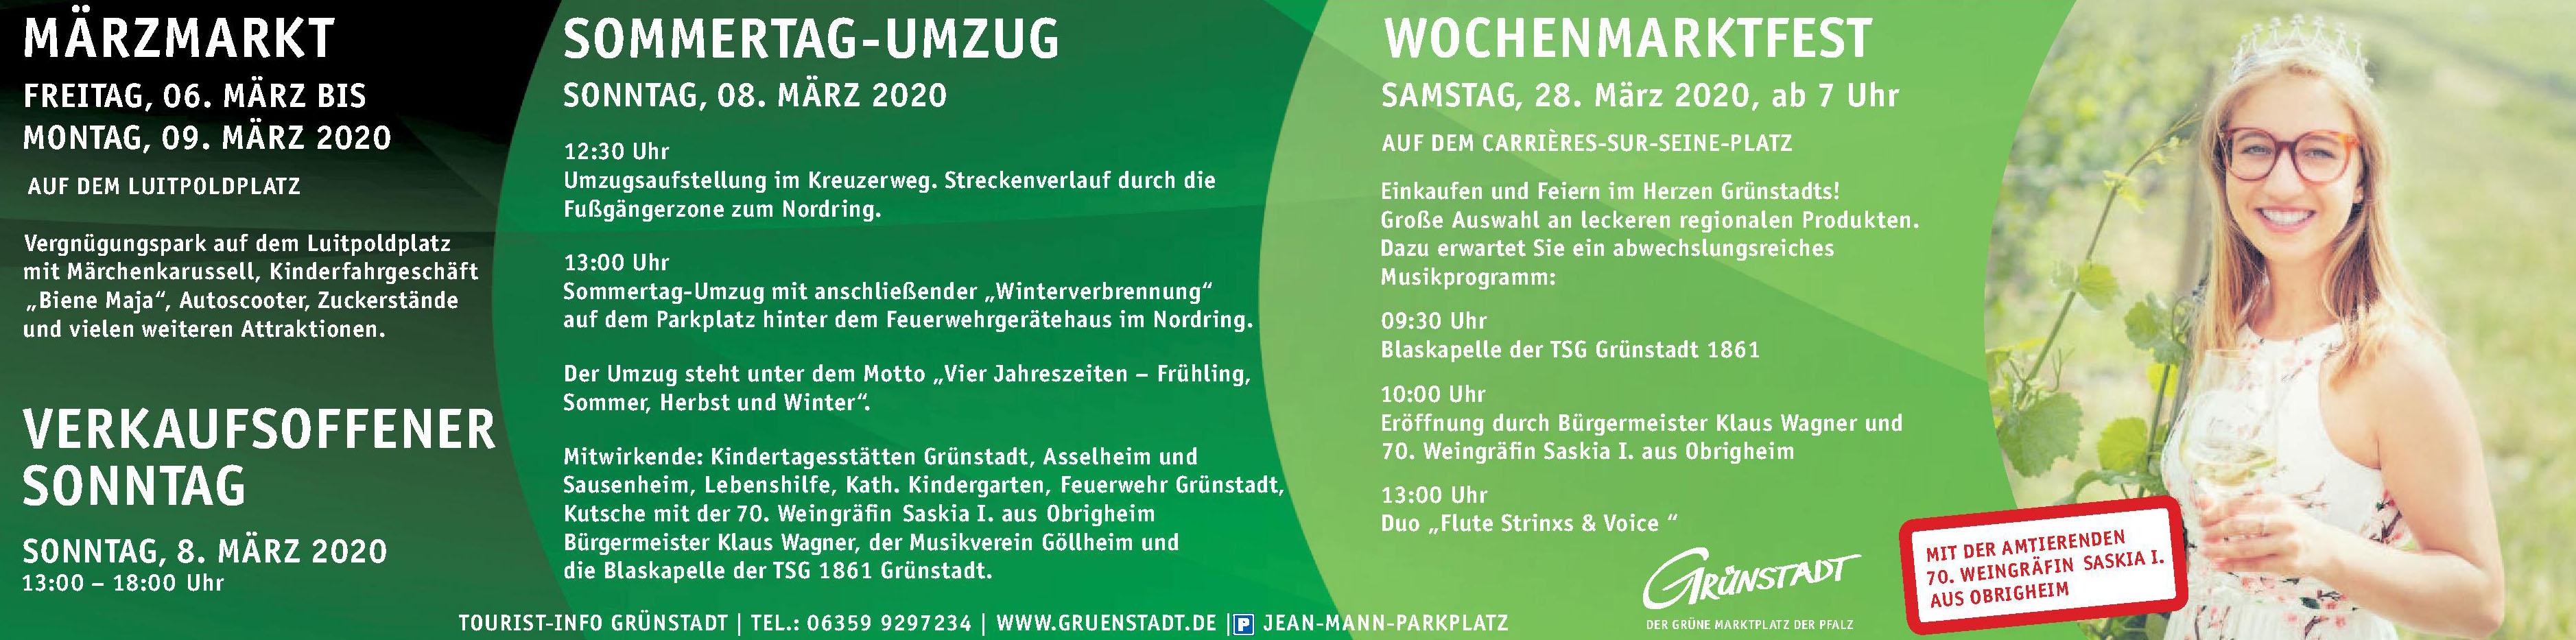 Tourist-Info Grünstadt im alten Rathaus